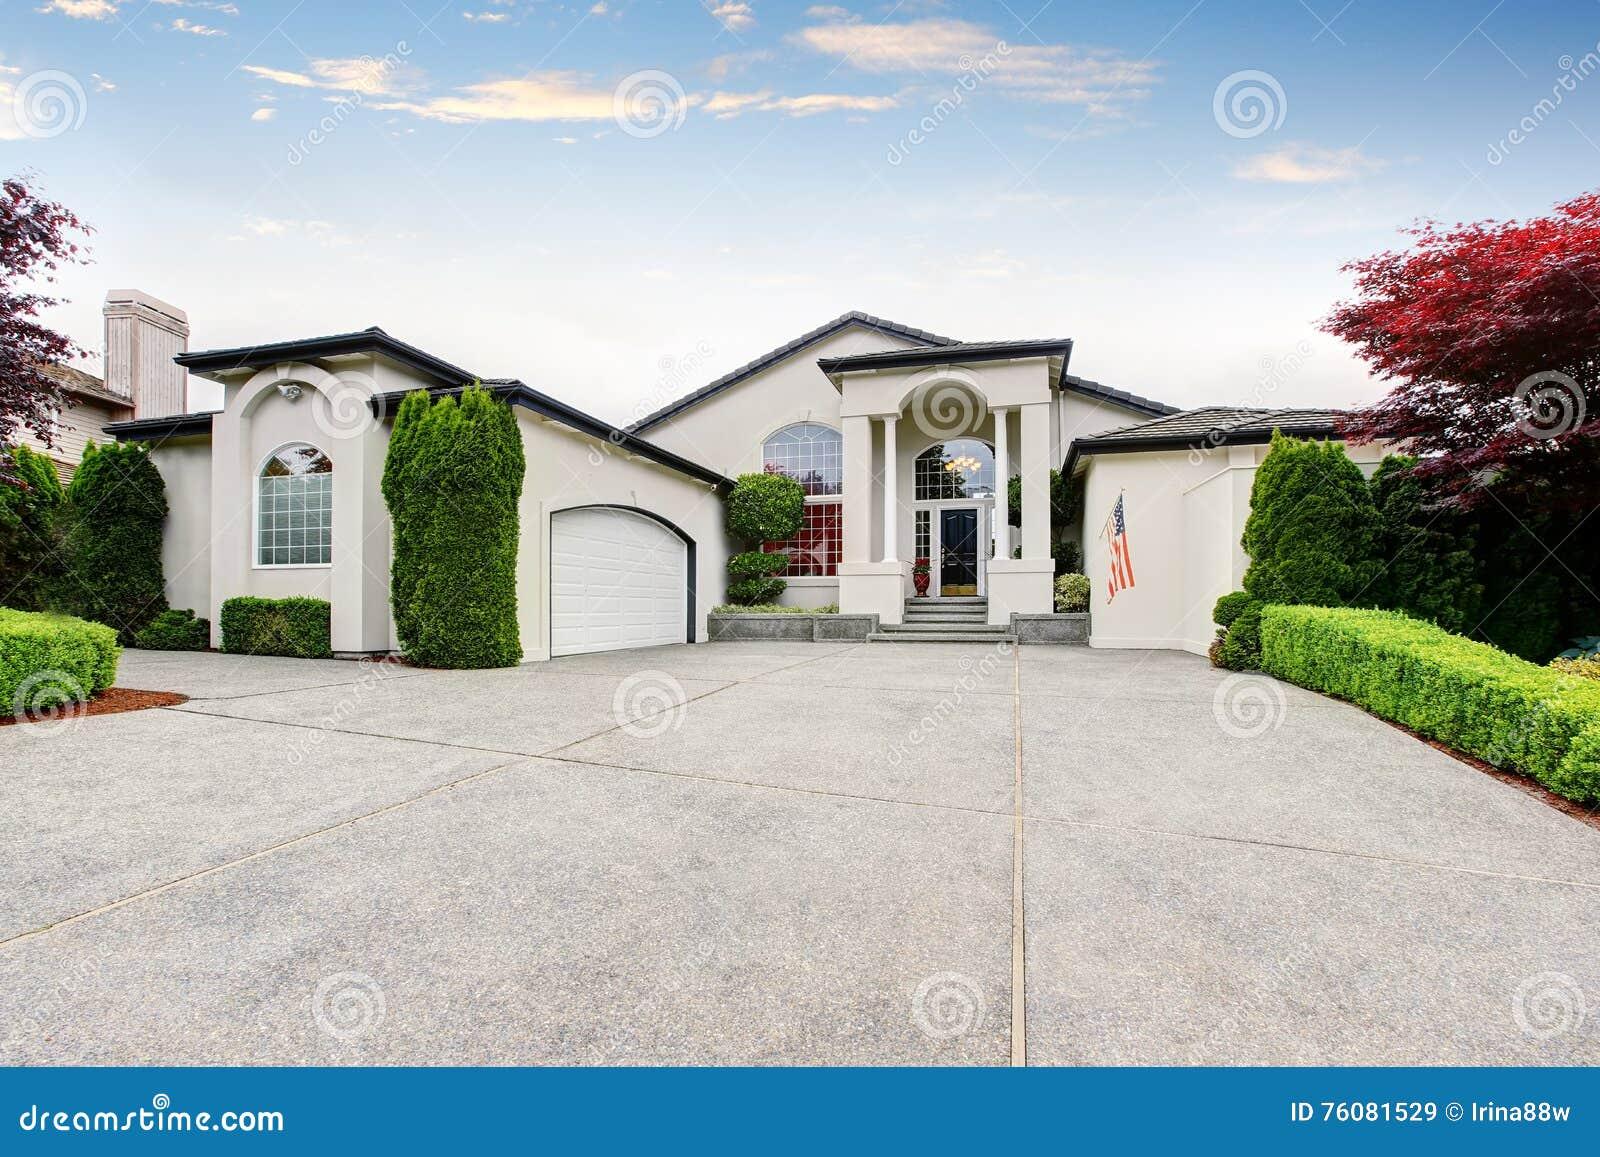 Maison de luxe extérieure avec le porche concret de plancher avec des colonnes